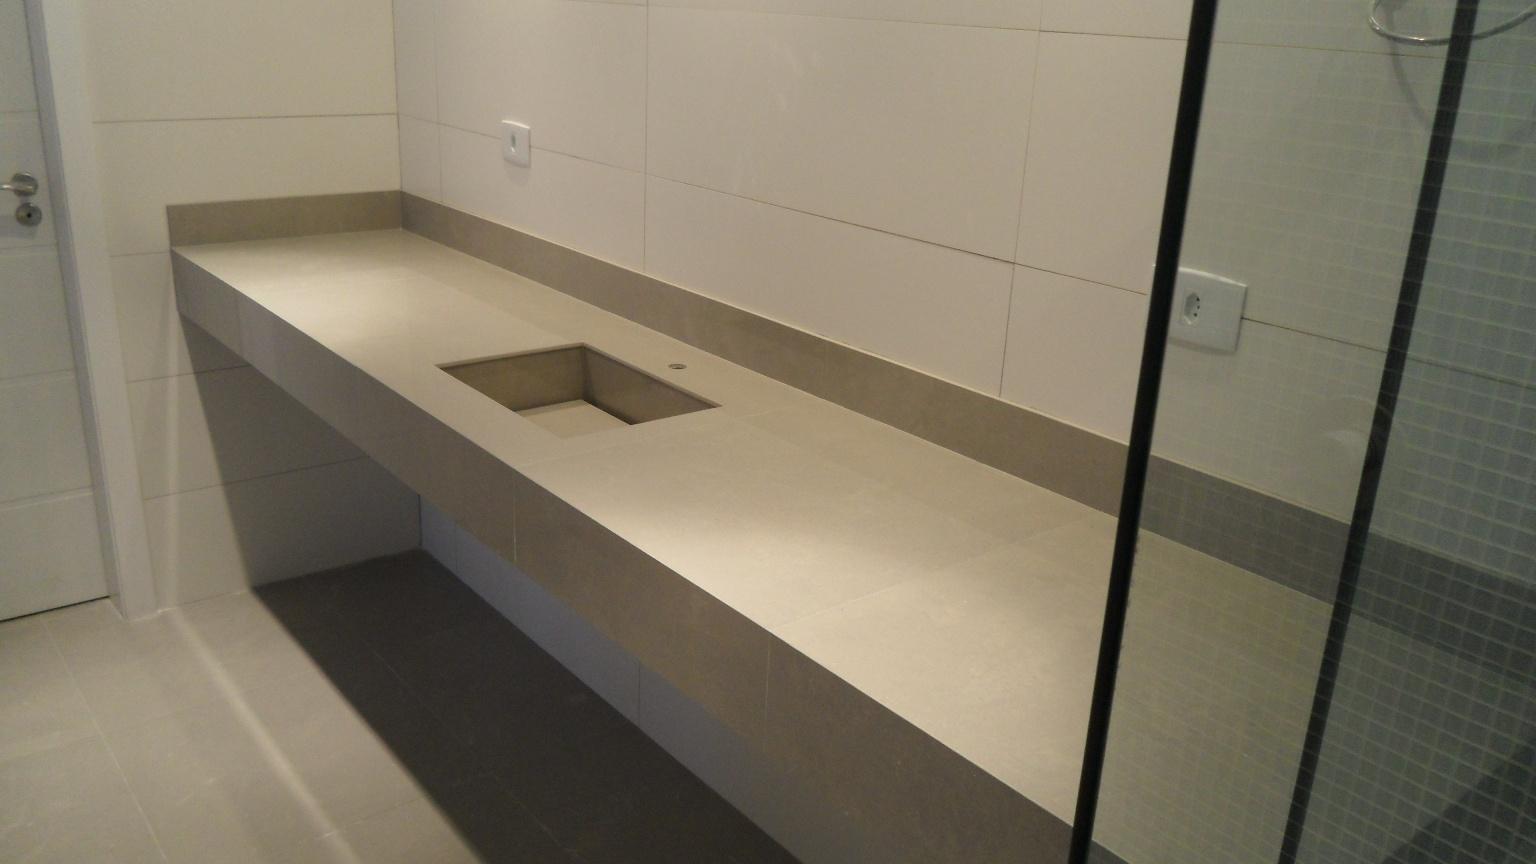 em porcelanato.: Bancada porcelanato 60 x 60 com cuba porcelanato #8A6F41 1536x864 Banheiro Com Bancada De Porcelanato